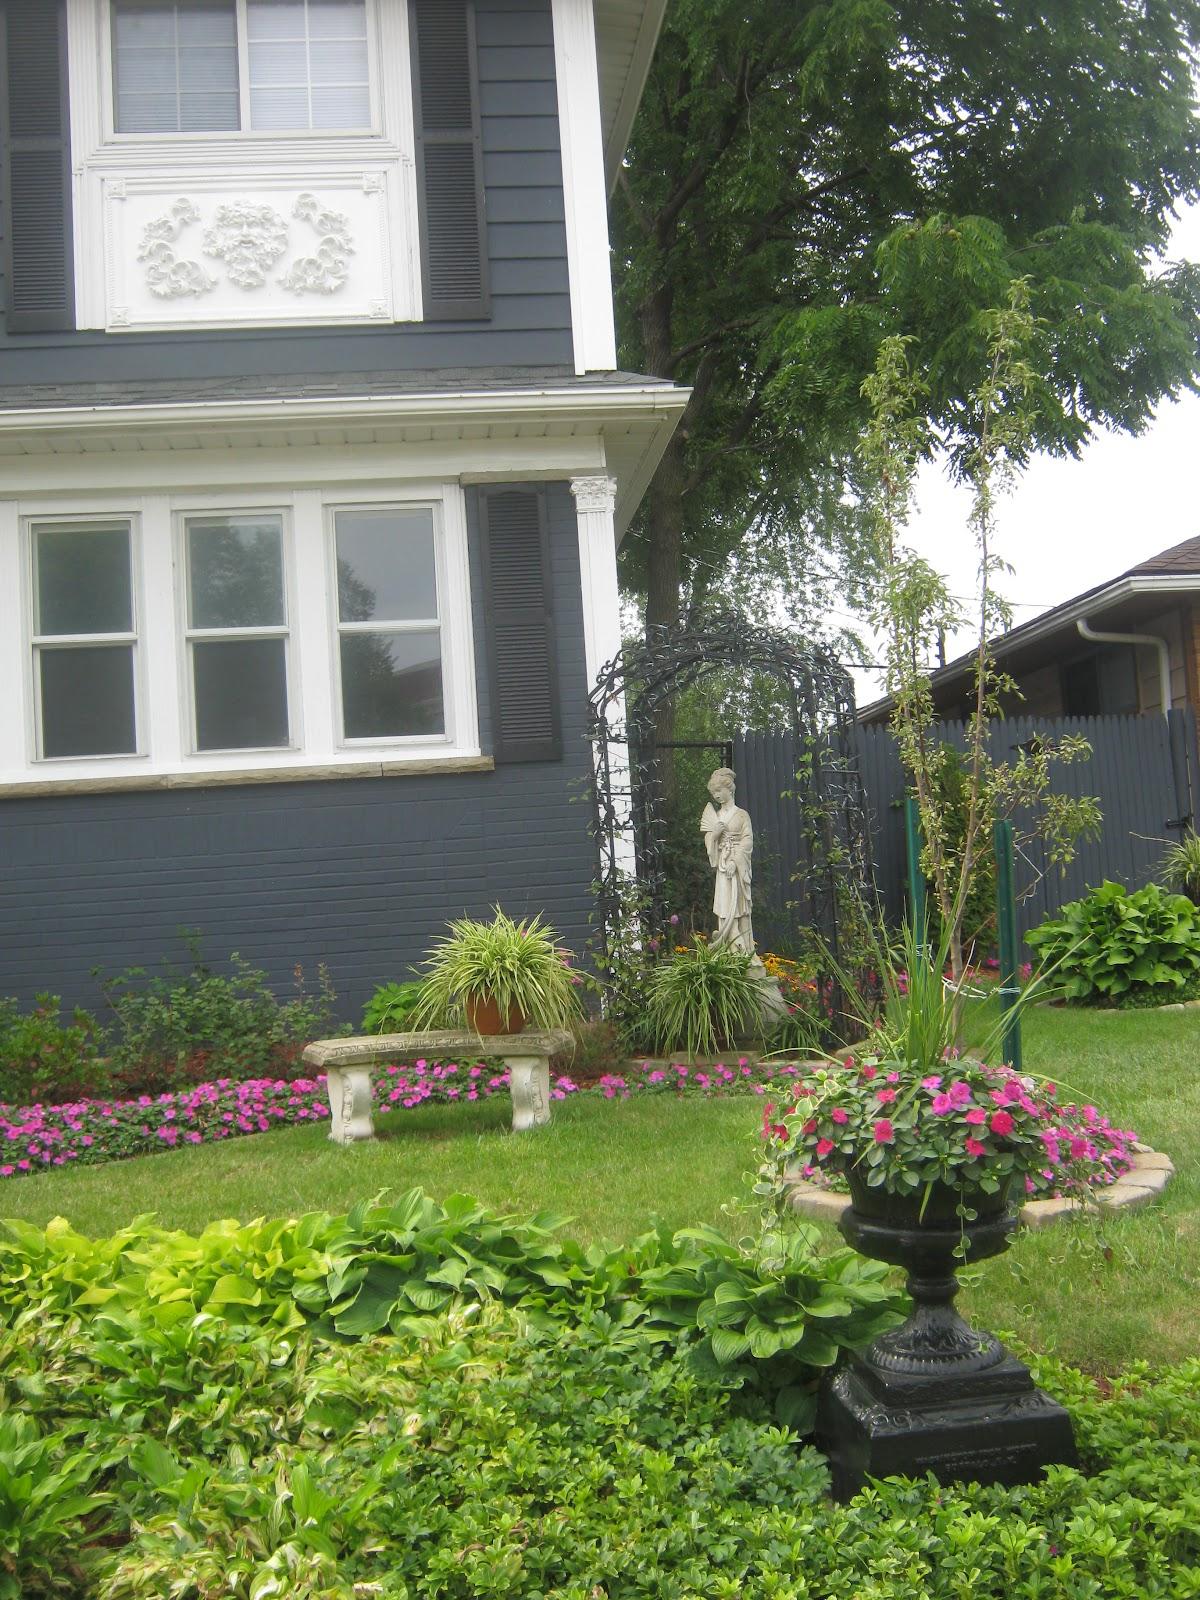 http://4.bp.blogspot.com/-PtViGnuVLbI/UBao-tx4YgI/AAAAAAAAC8E/HH30ZKDc-ac/s1600/Garden%20wall-homes%20002.jpg